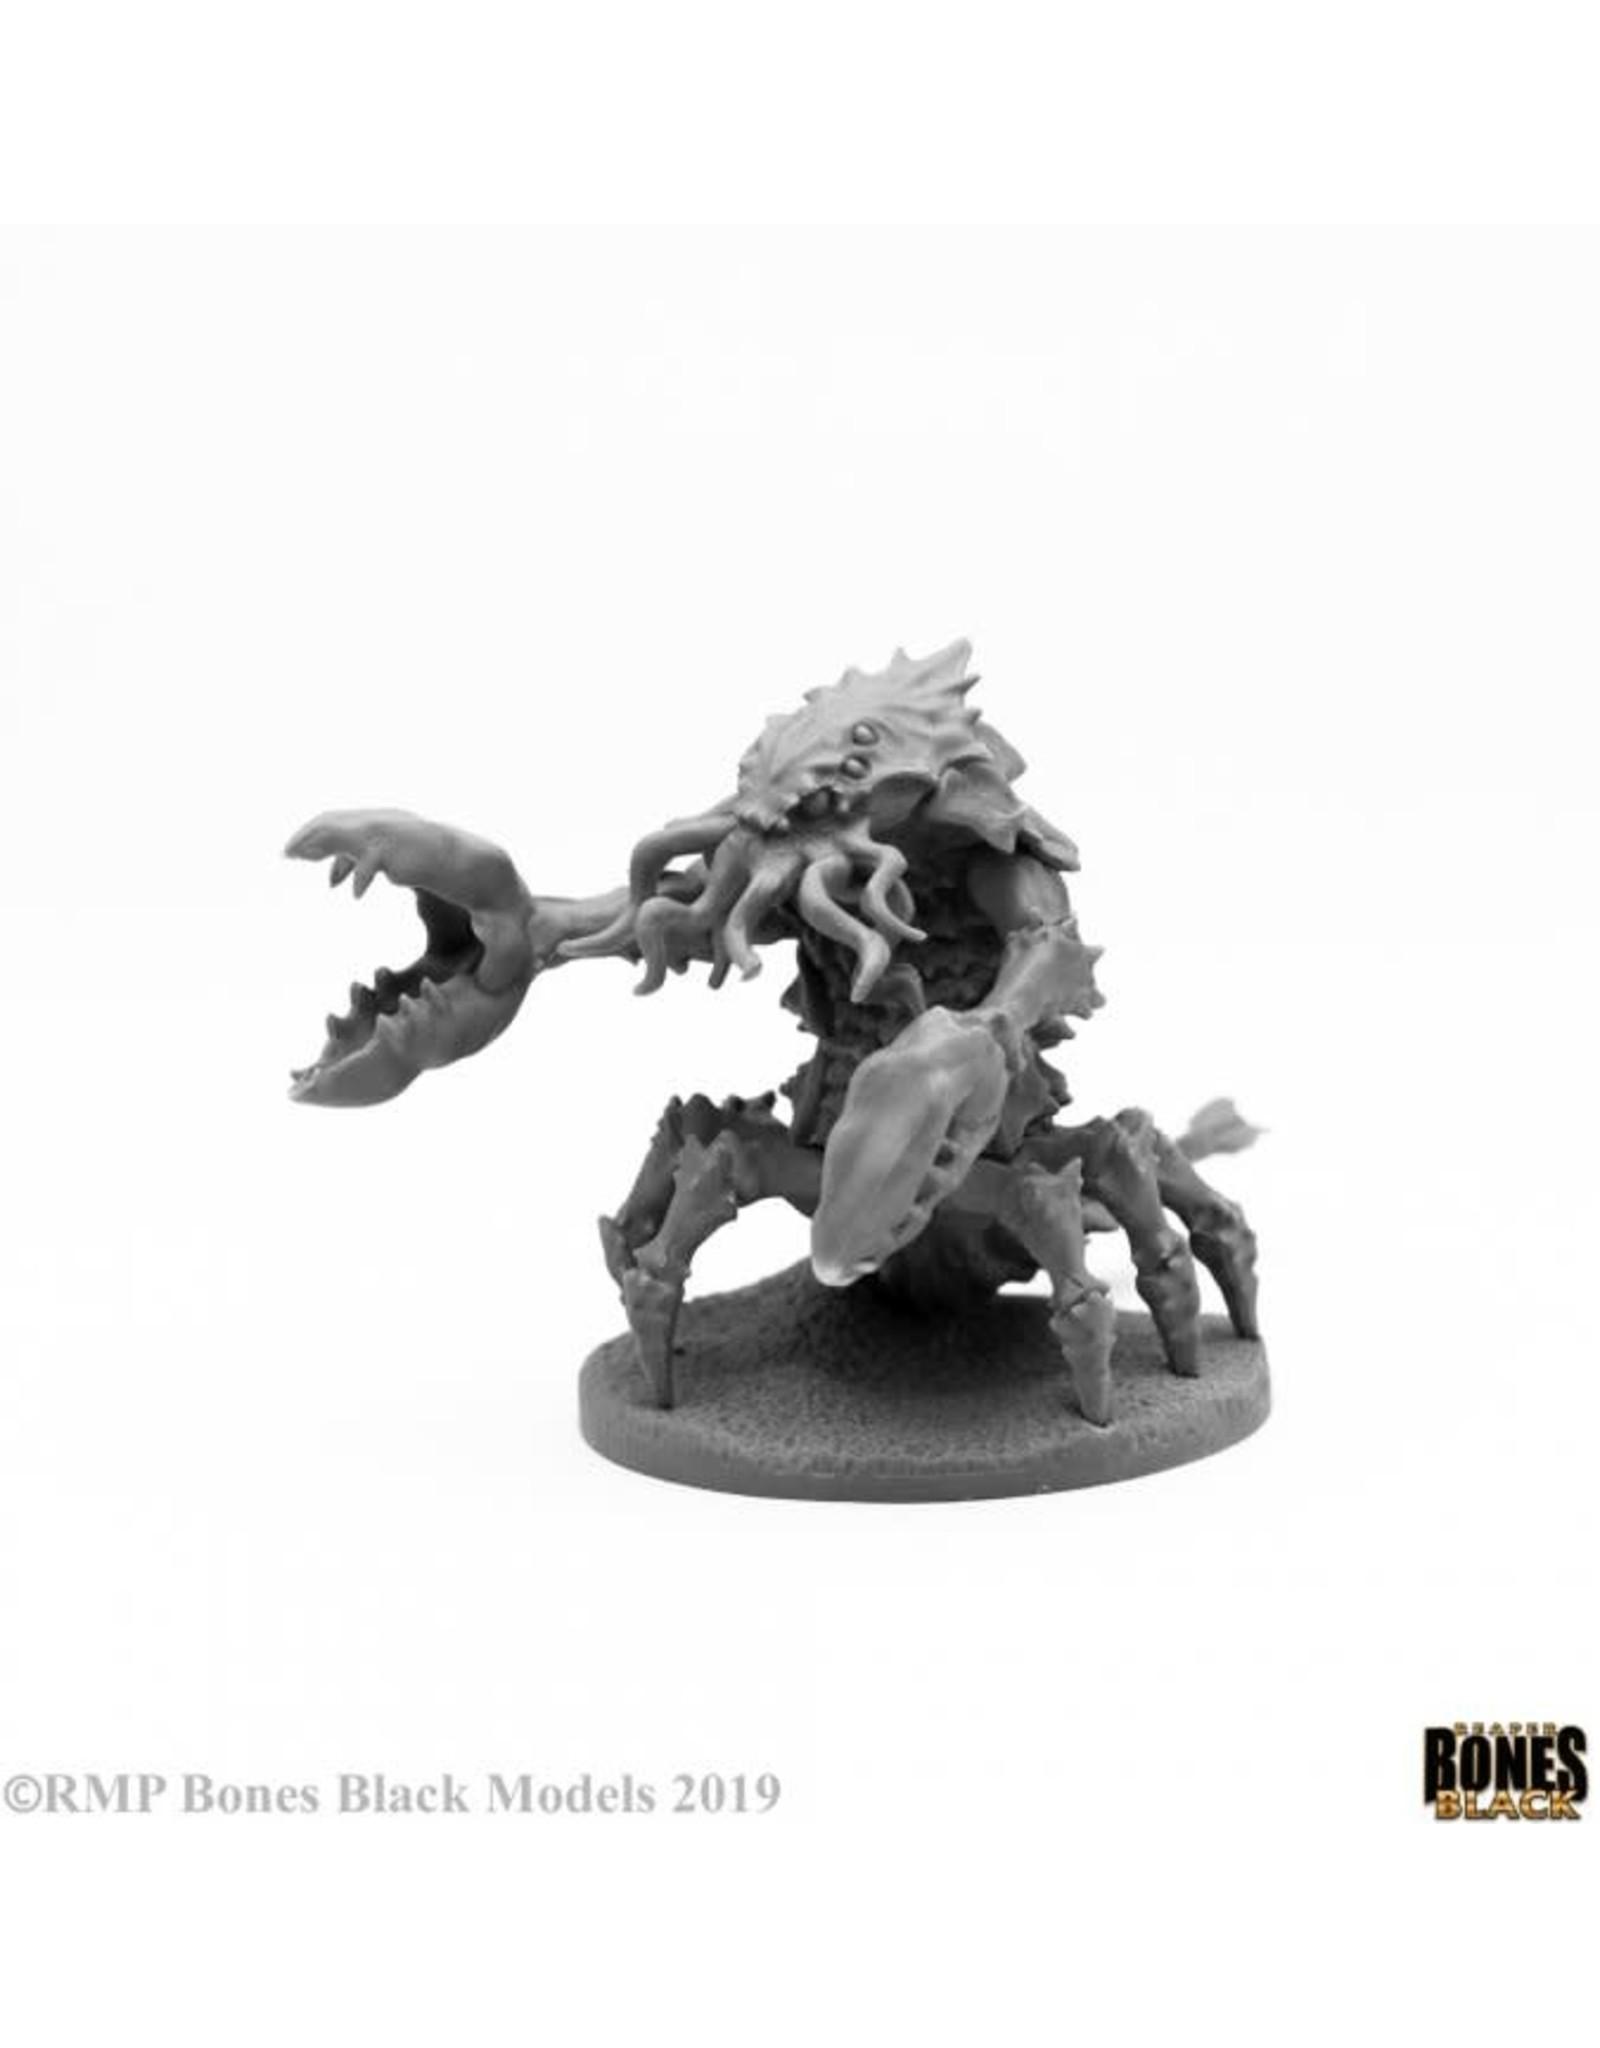 Reaper Miniatures Bones Black: Tidal Lurker